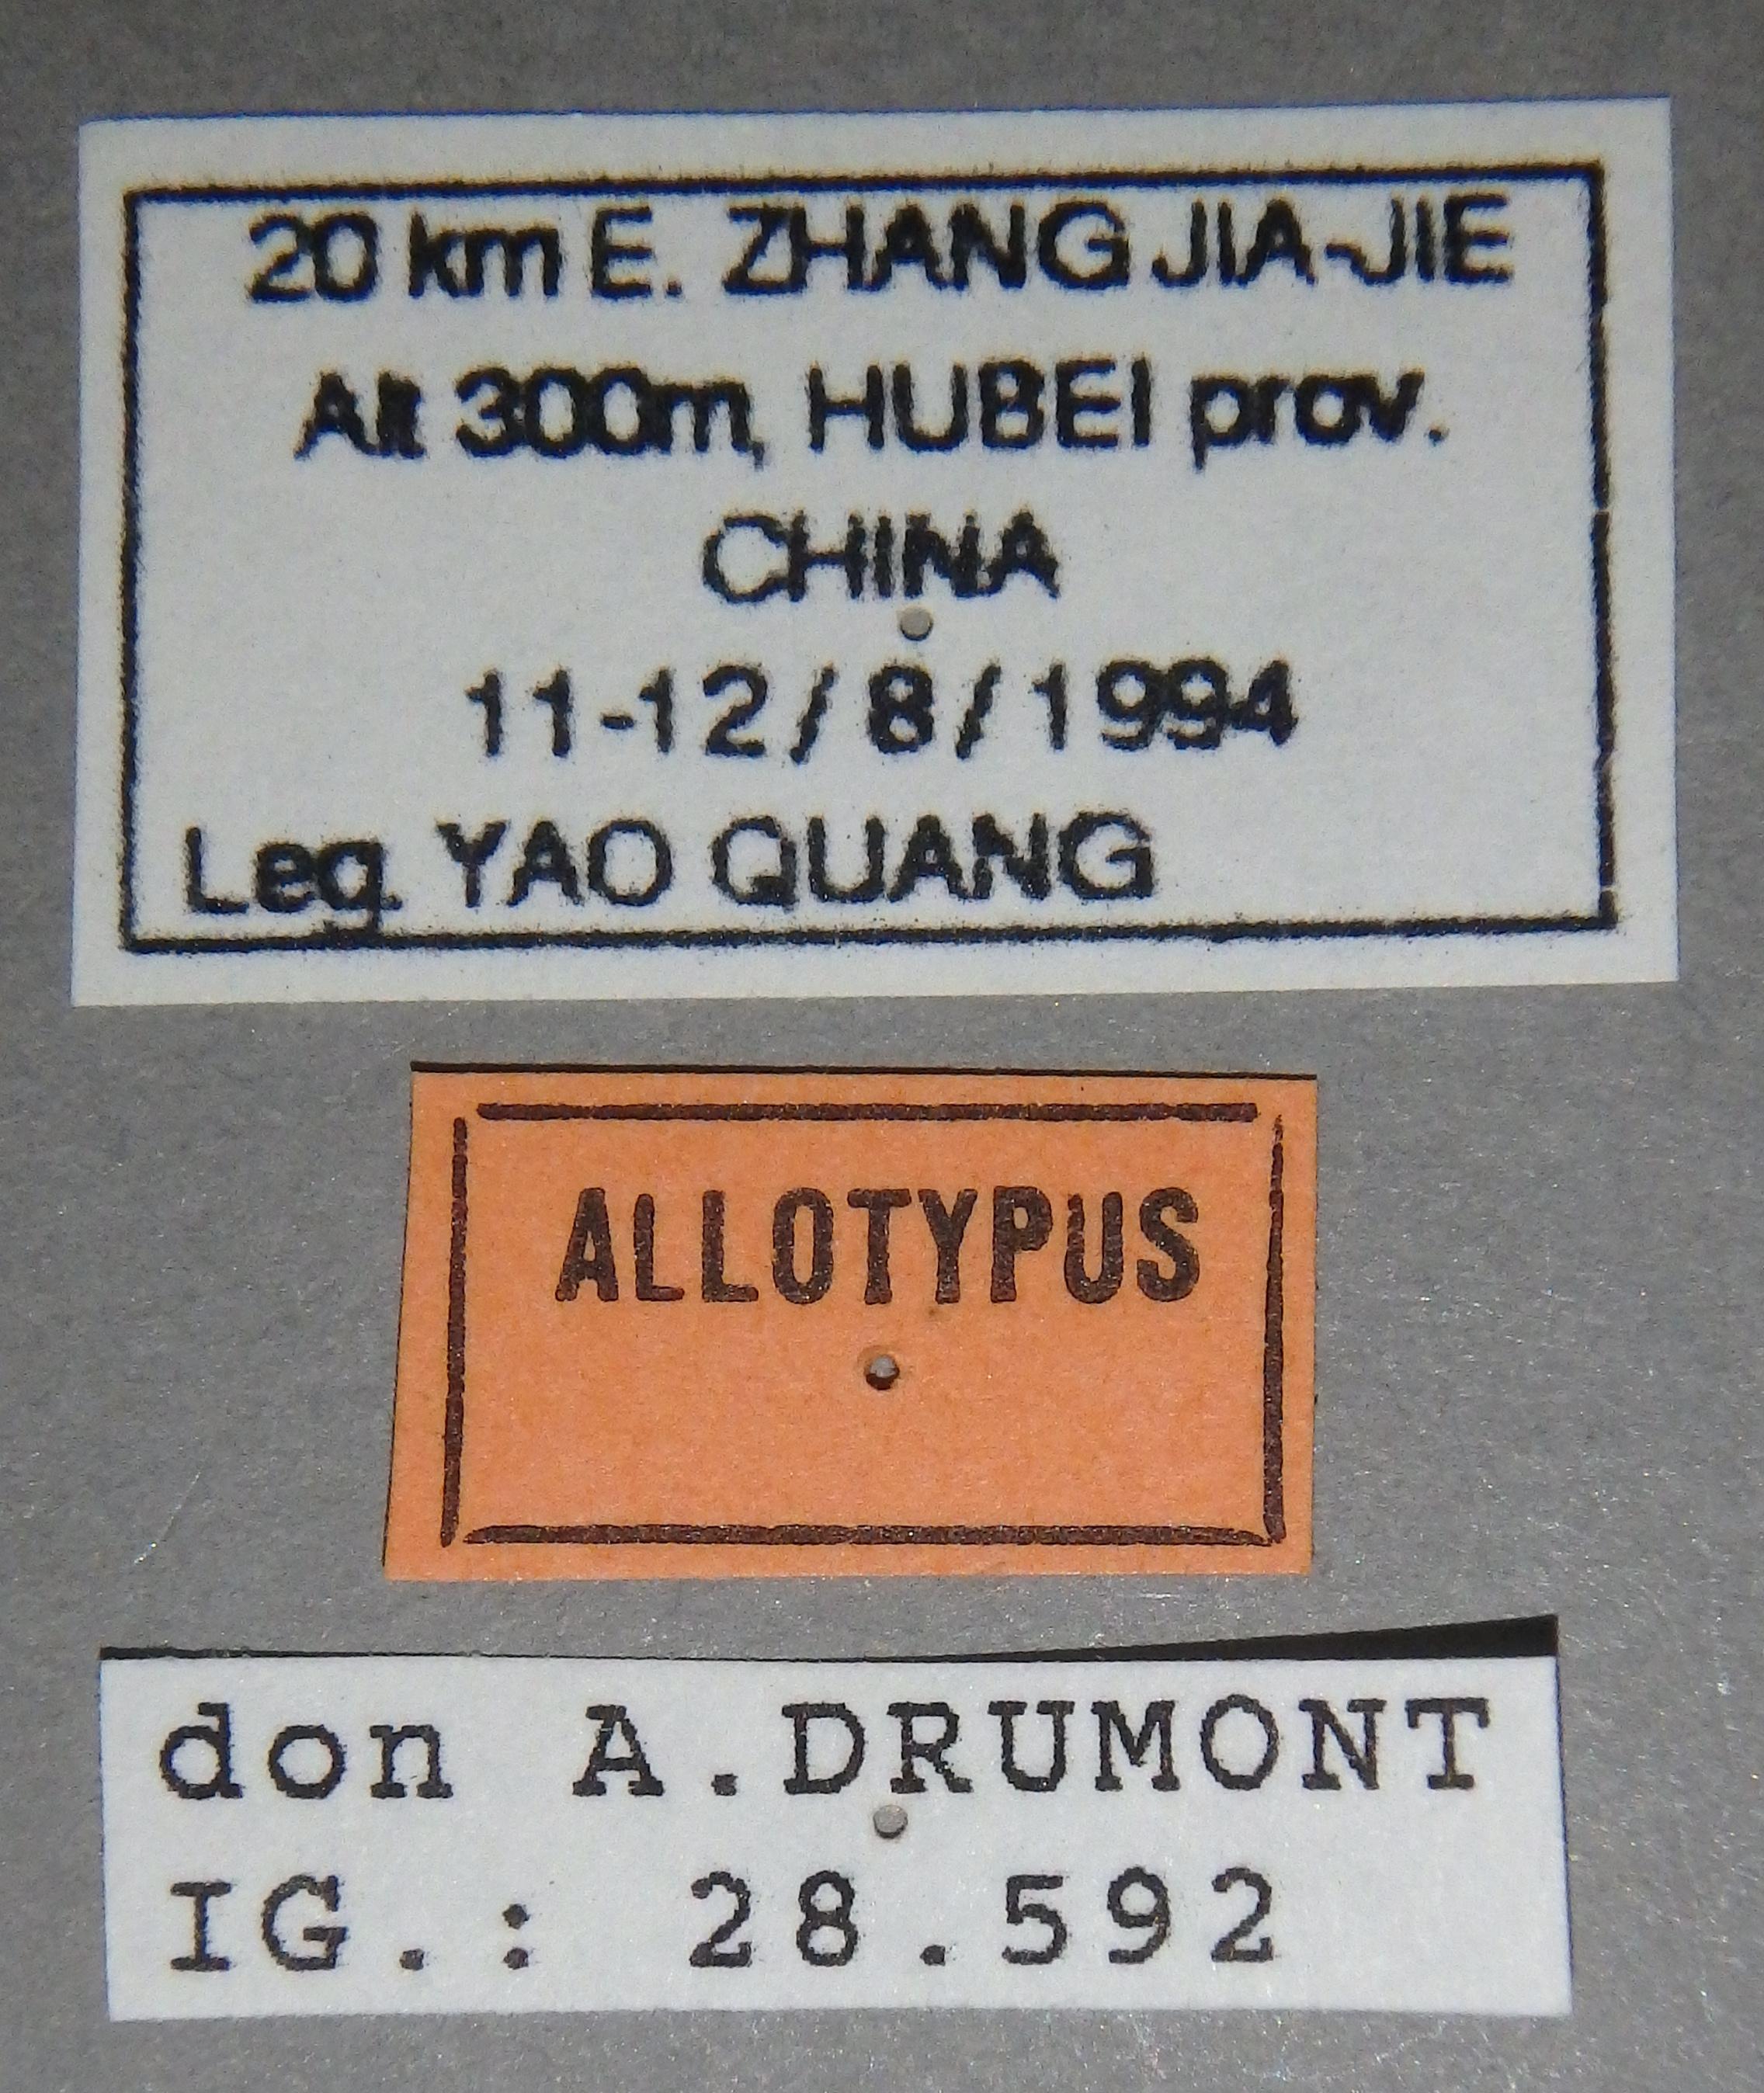 Chrysopotosia drumonti at Lb.JPG